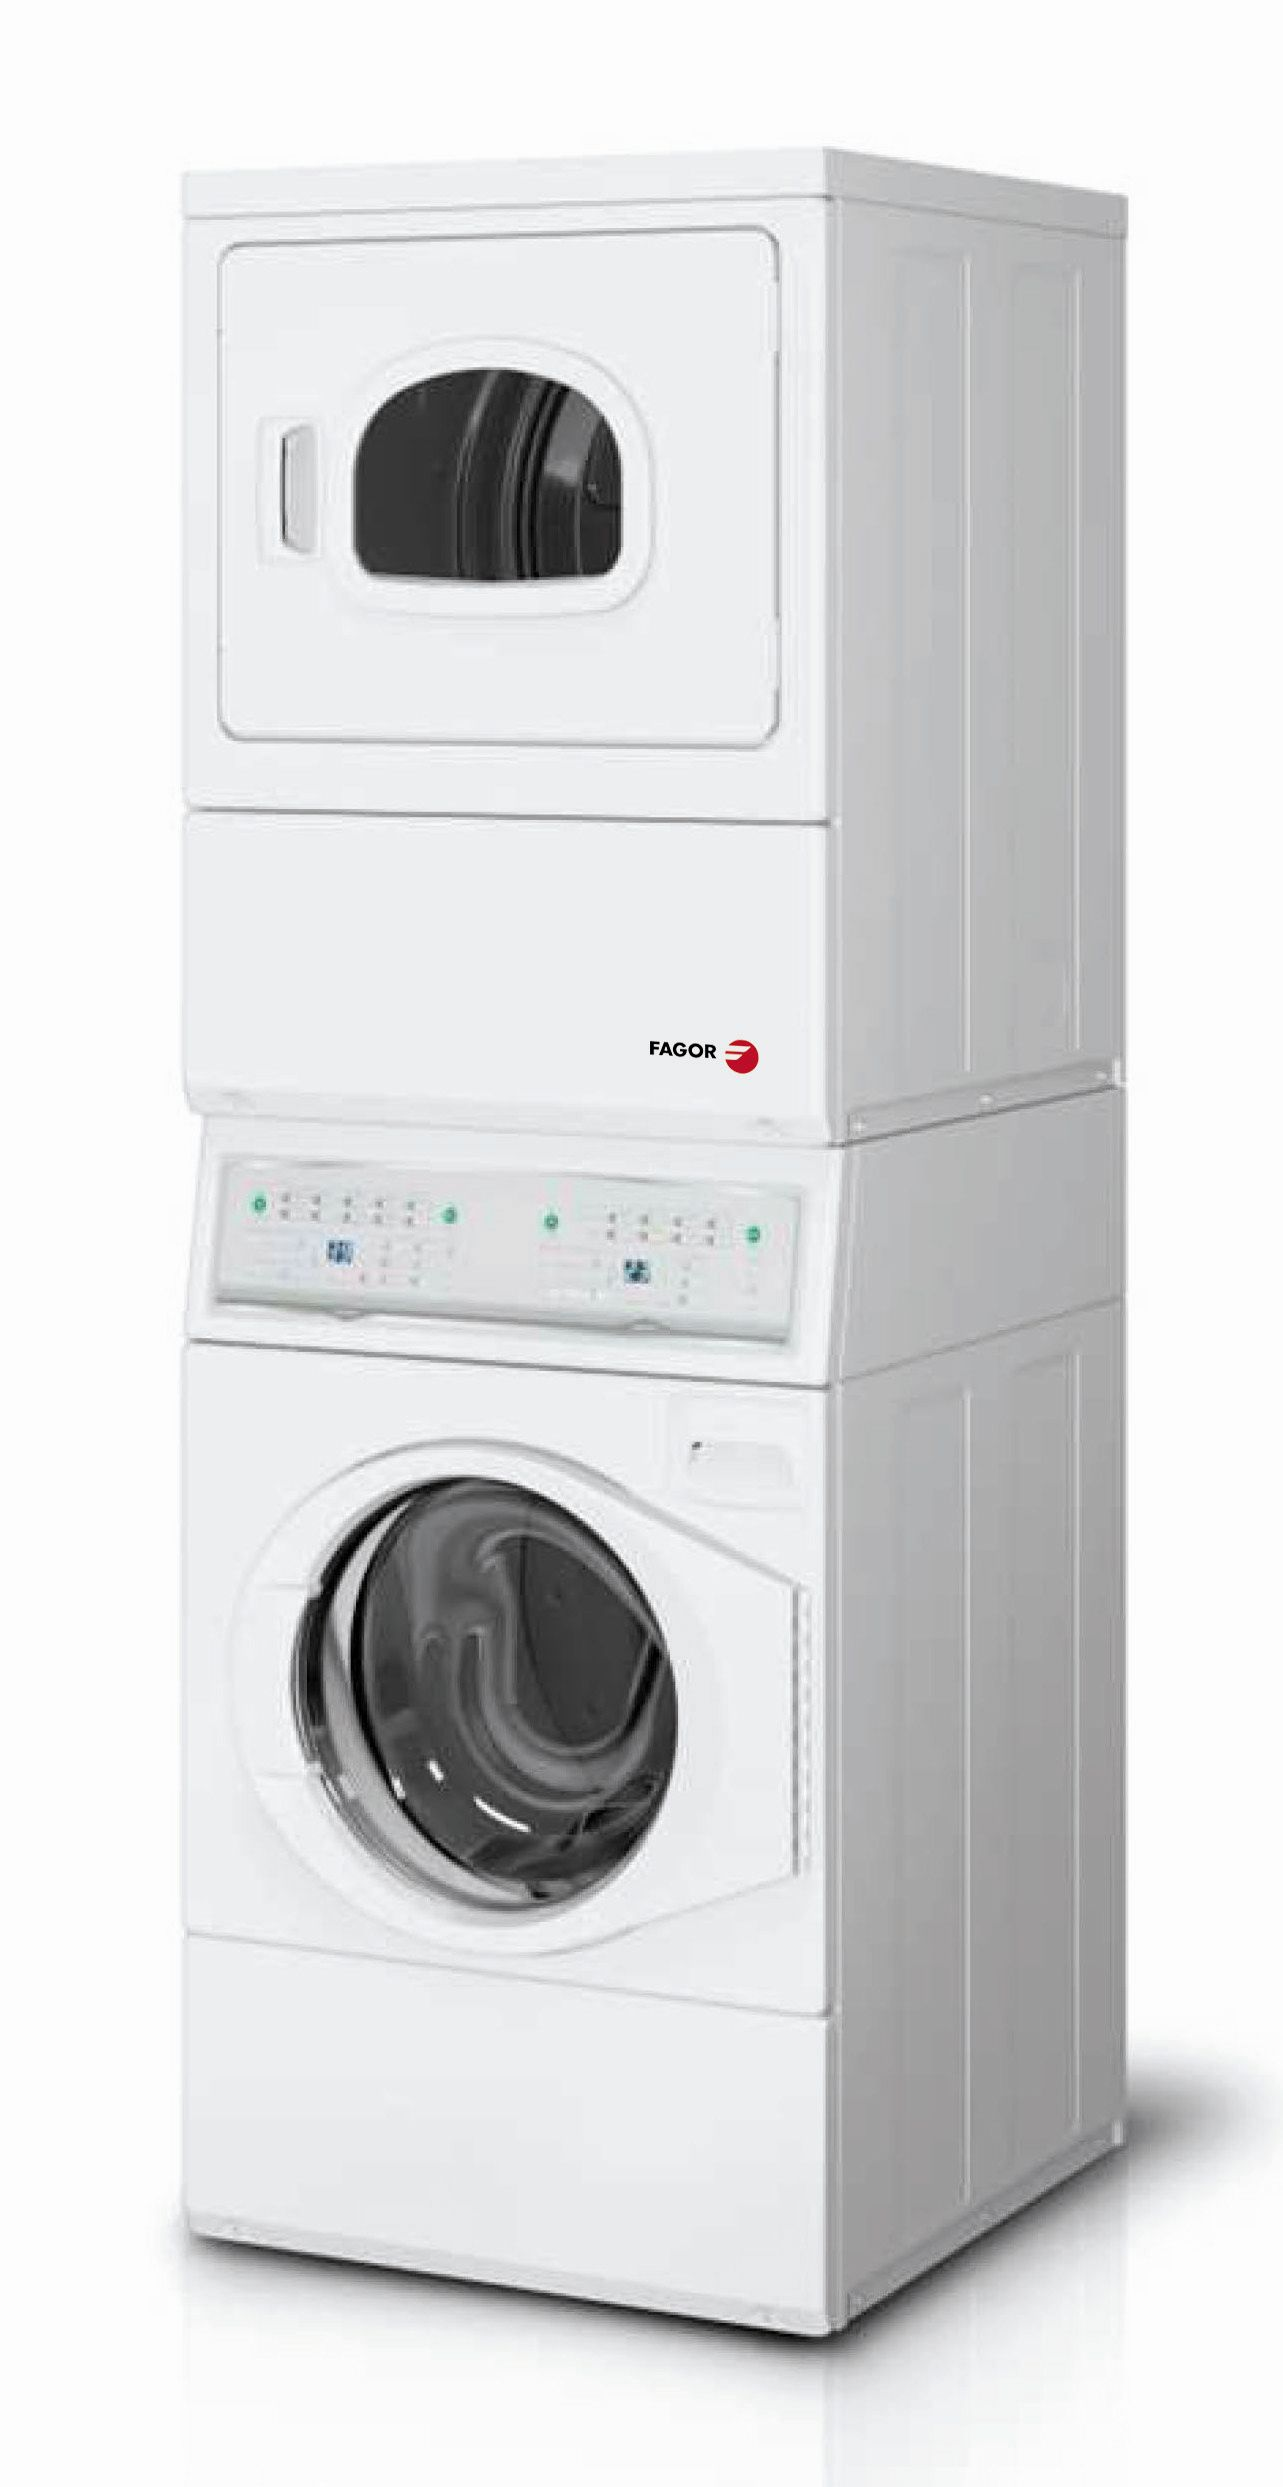 Ampliar imagen for Mueble lavadora